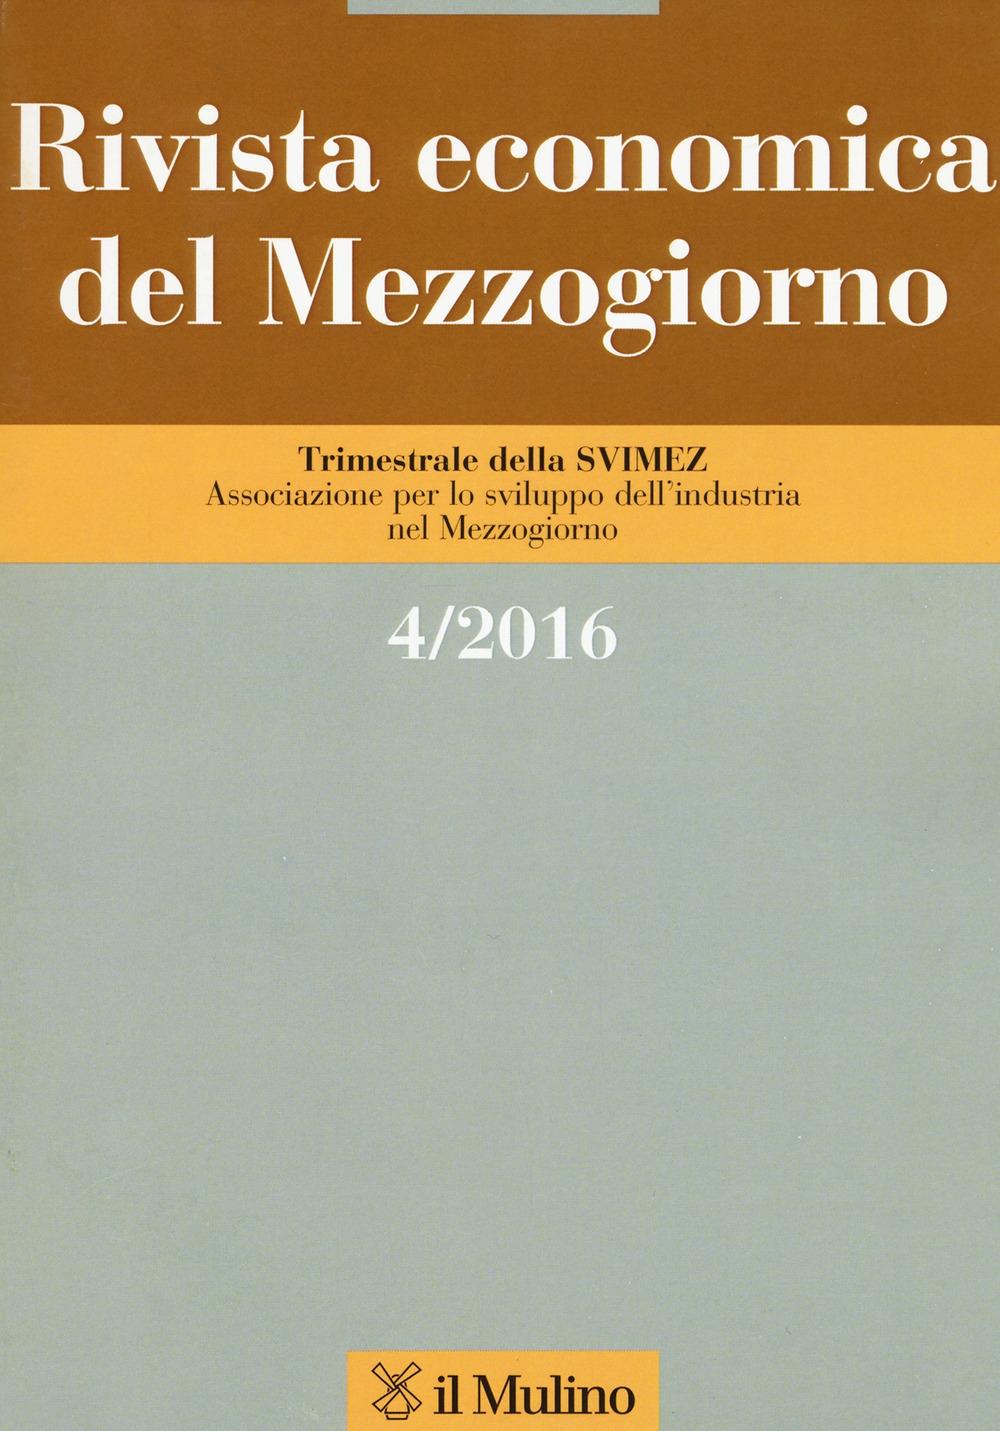 Rivista economica del Mezzogiorno (2016). Vol. 4